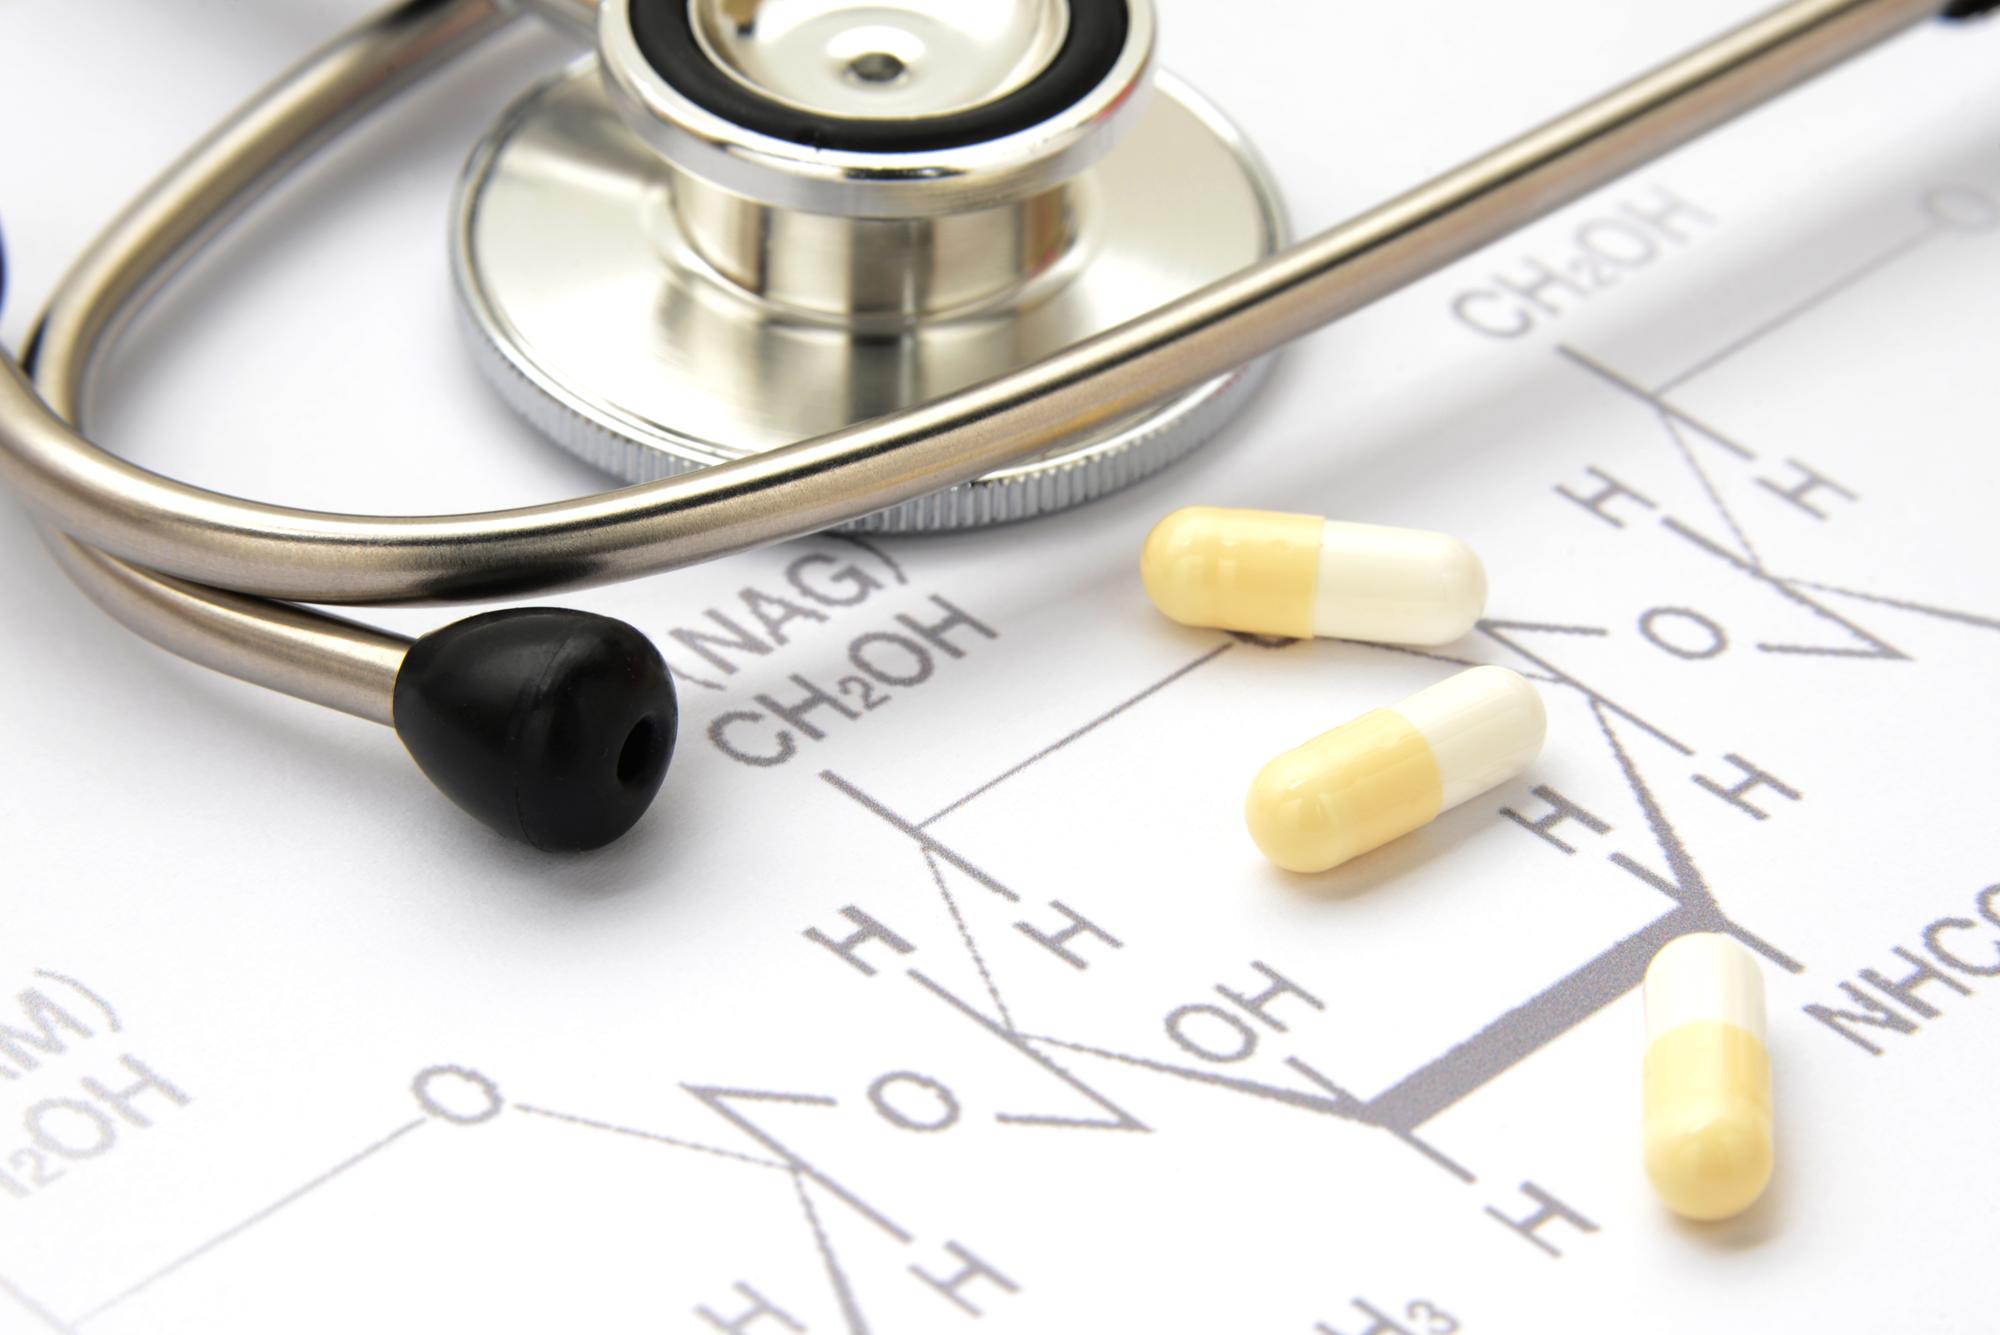 インフルエンザの新薬とは? これまでの治療薬との違いや期待される効果をチェック